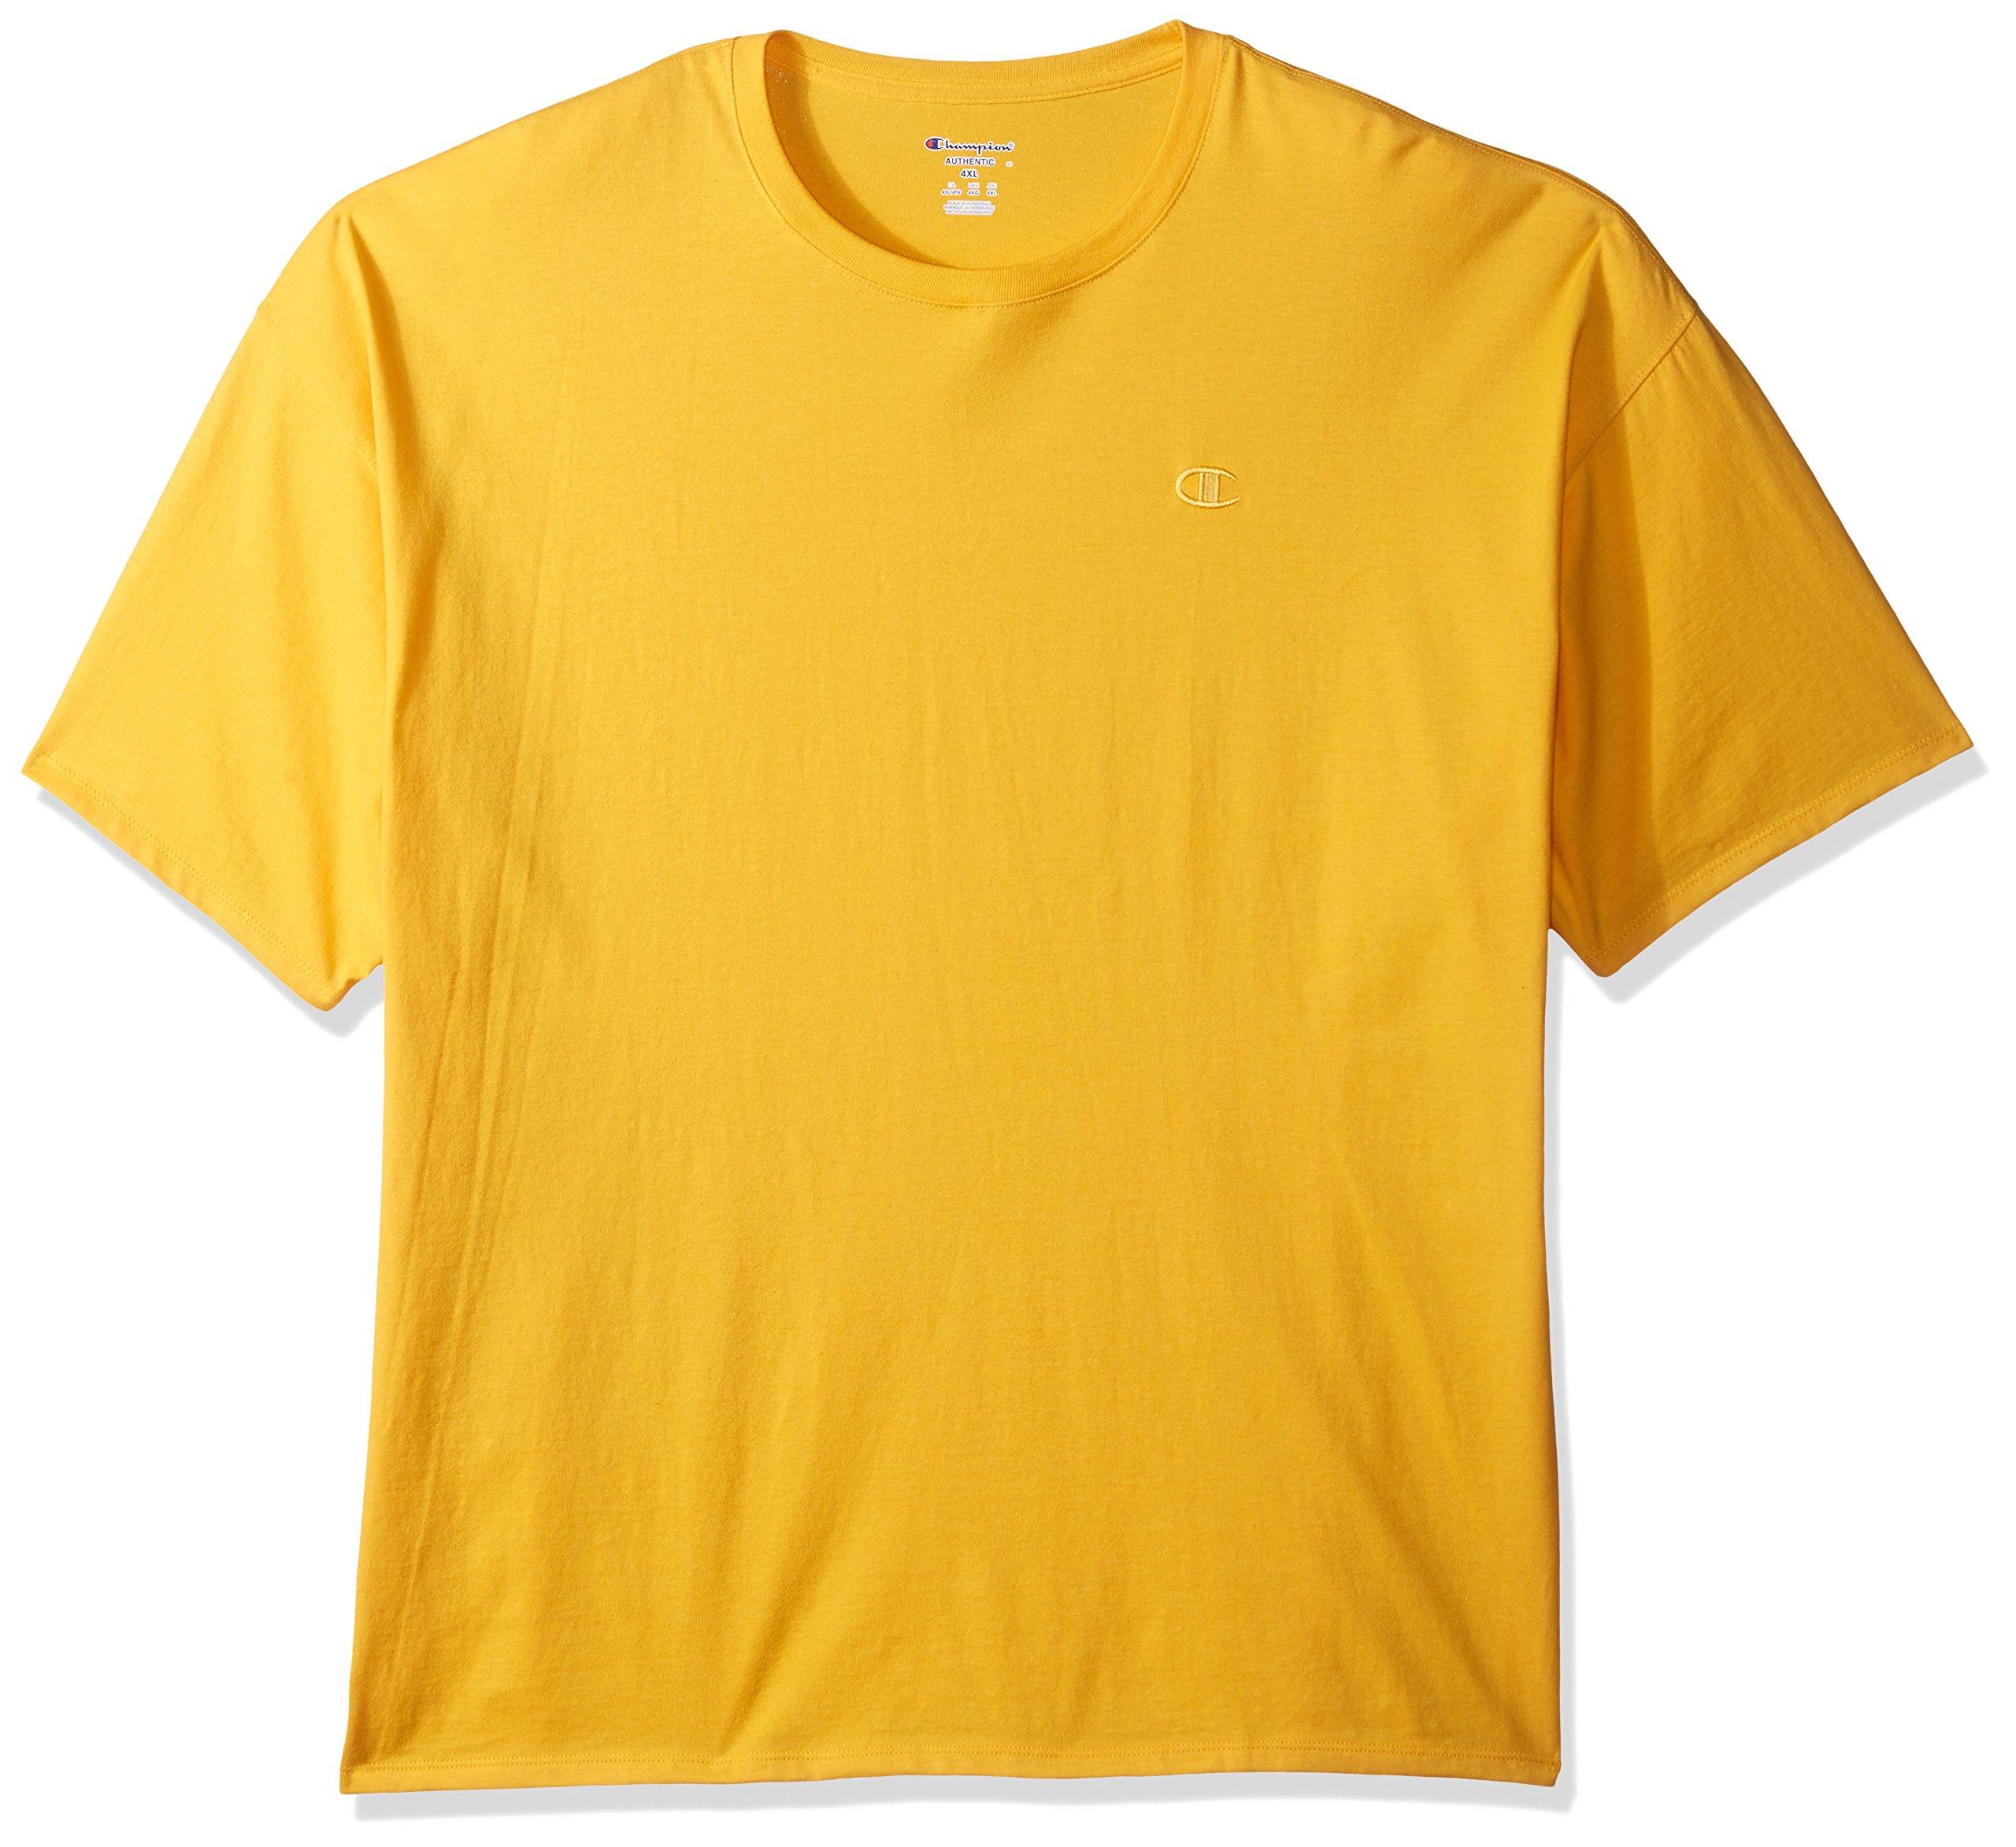 223de38162e6 Galleon - Champion Men's Classic Jersey T-Shirt, Team Gold, 4X Large